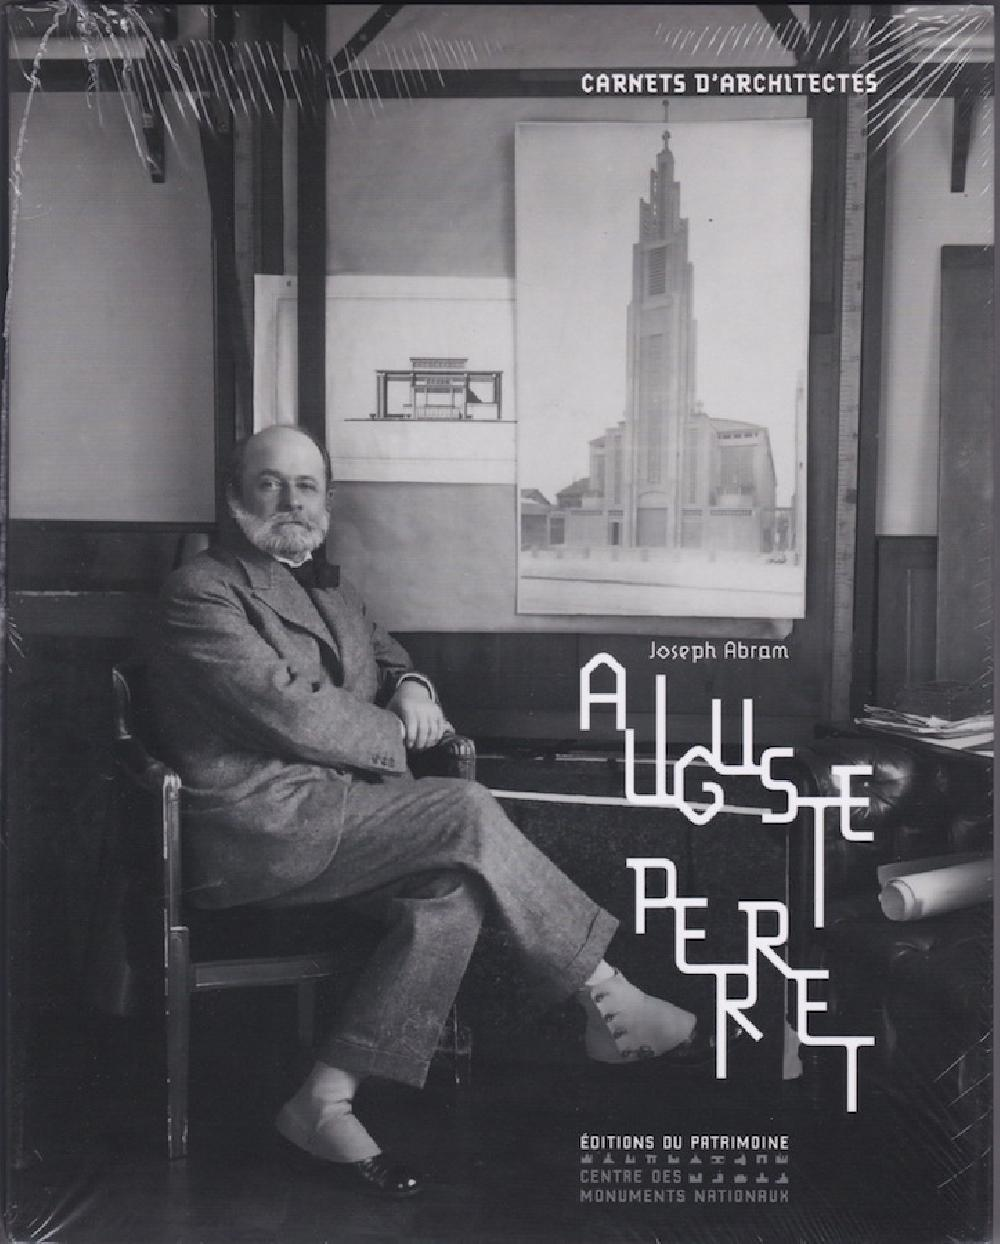 Auguste Perret Carnets d'architectes